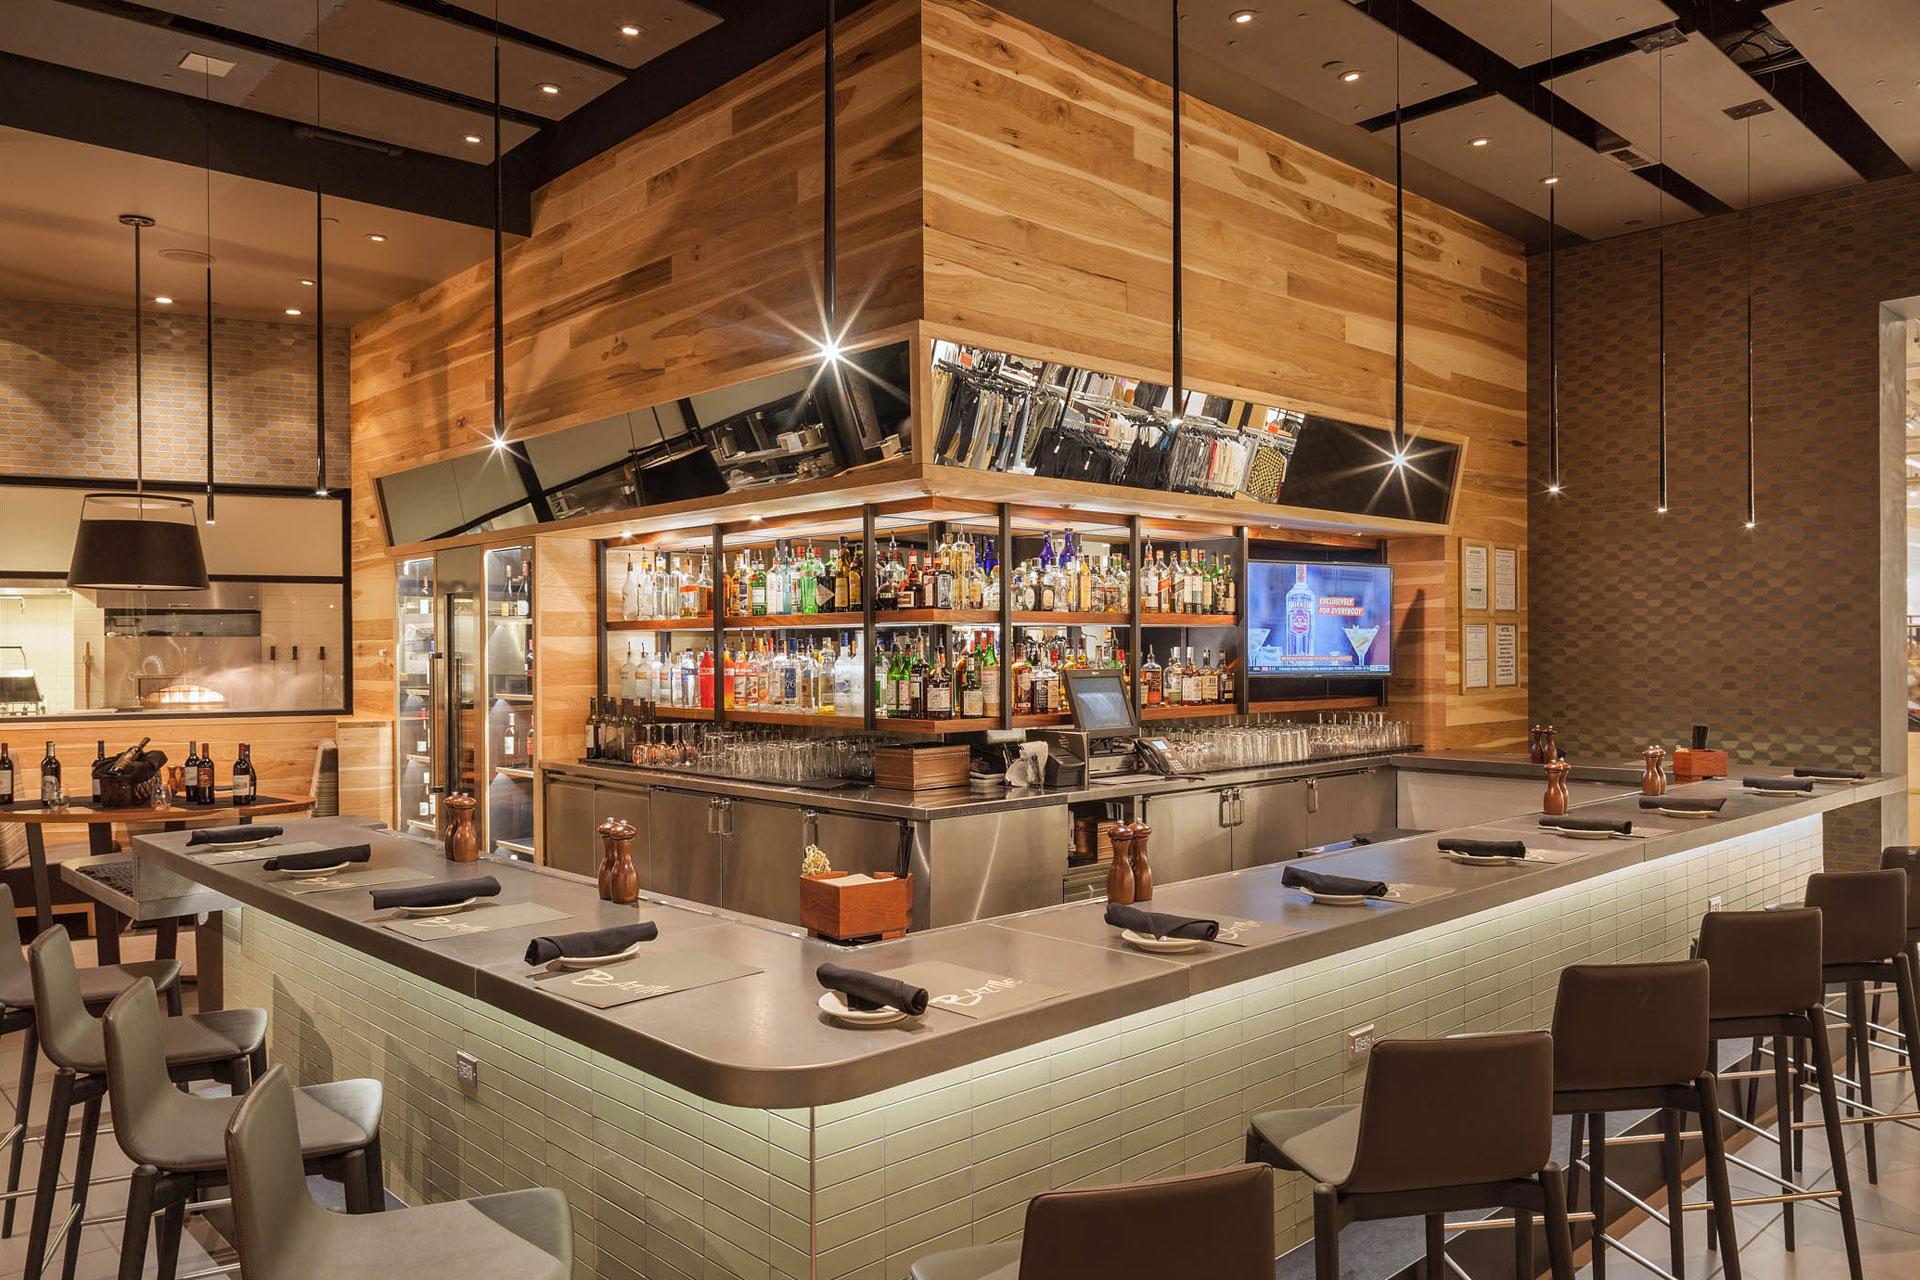 Bazille at Nordstrom Restaurant moder design